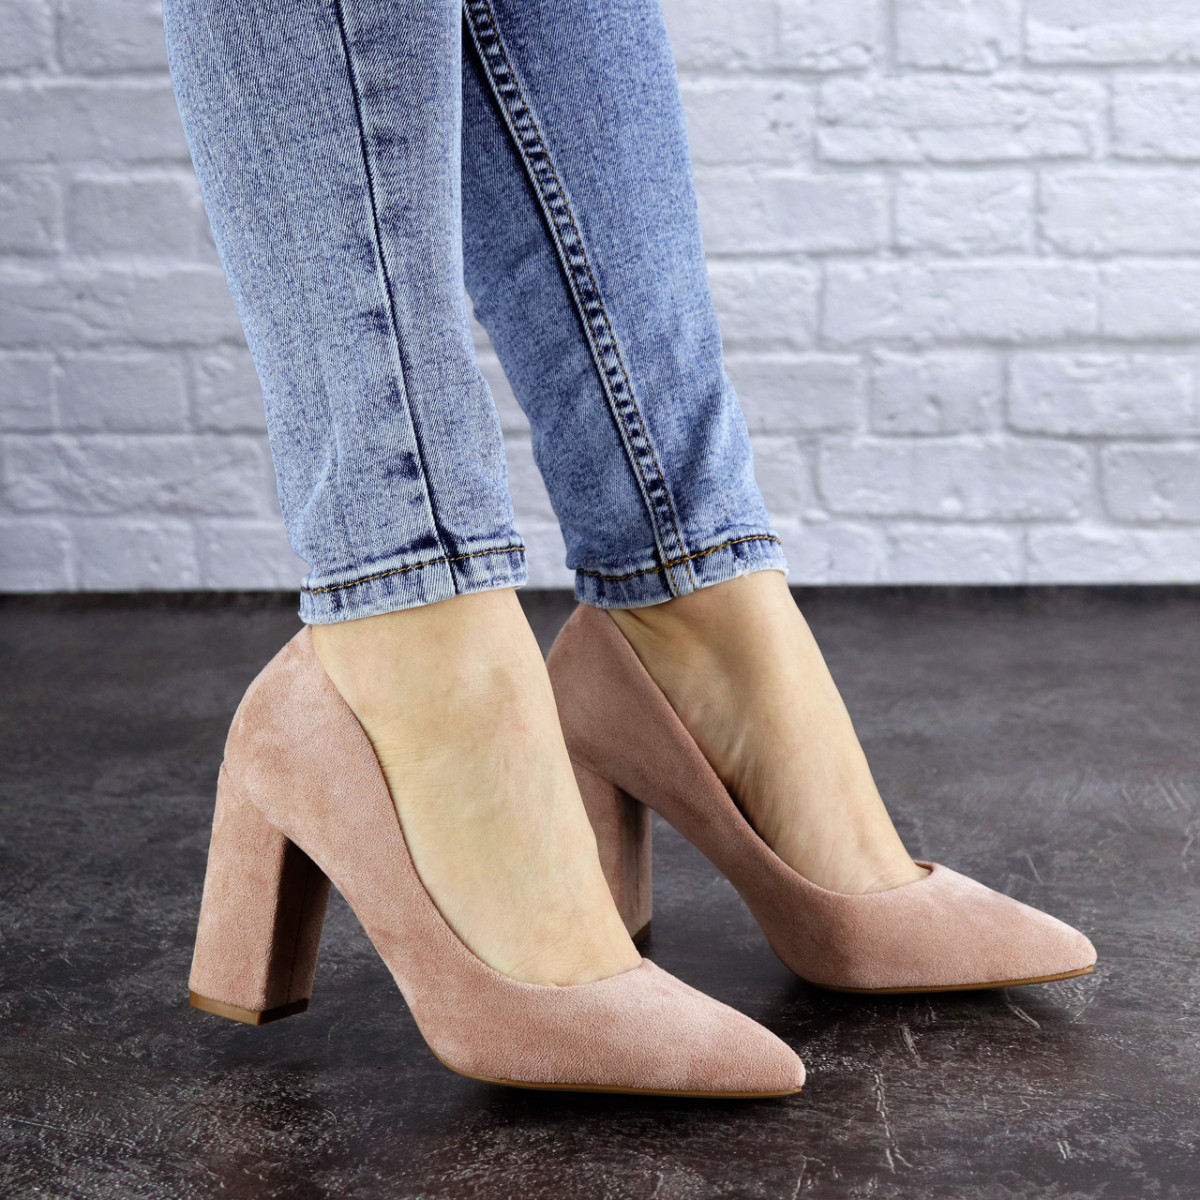 Женские туфли на каблуке розовые Gouda 1941